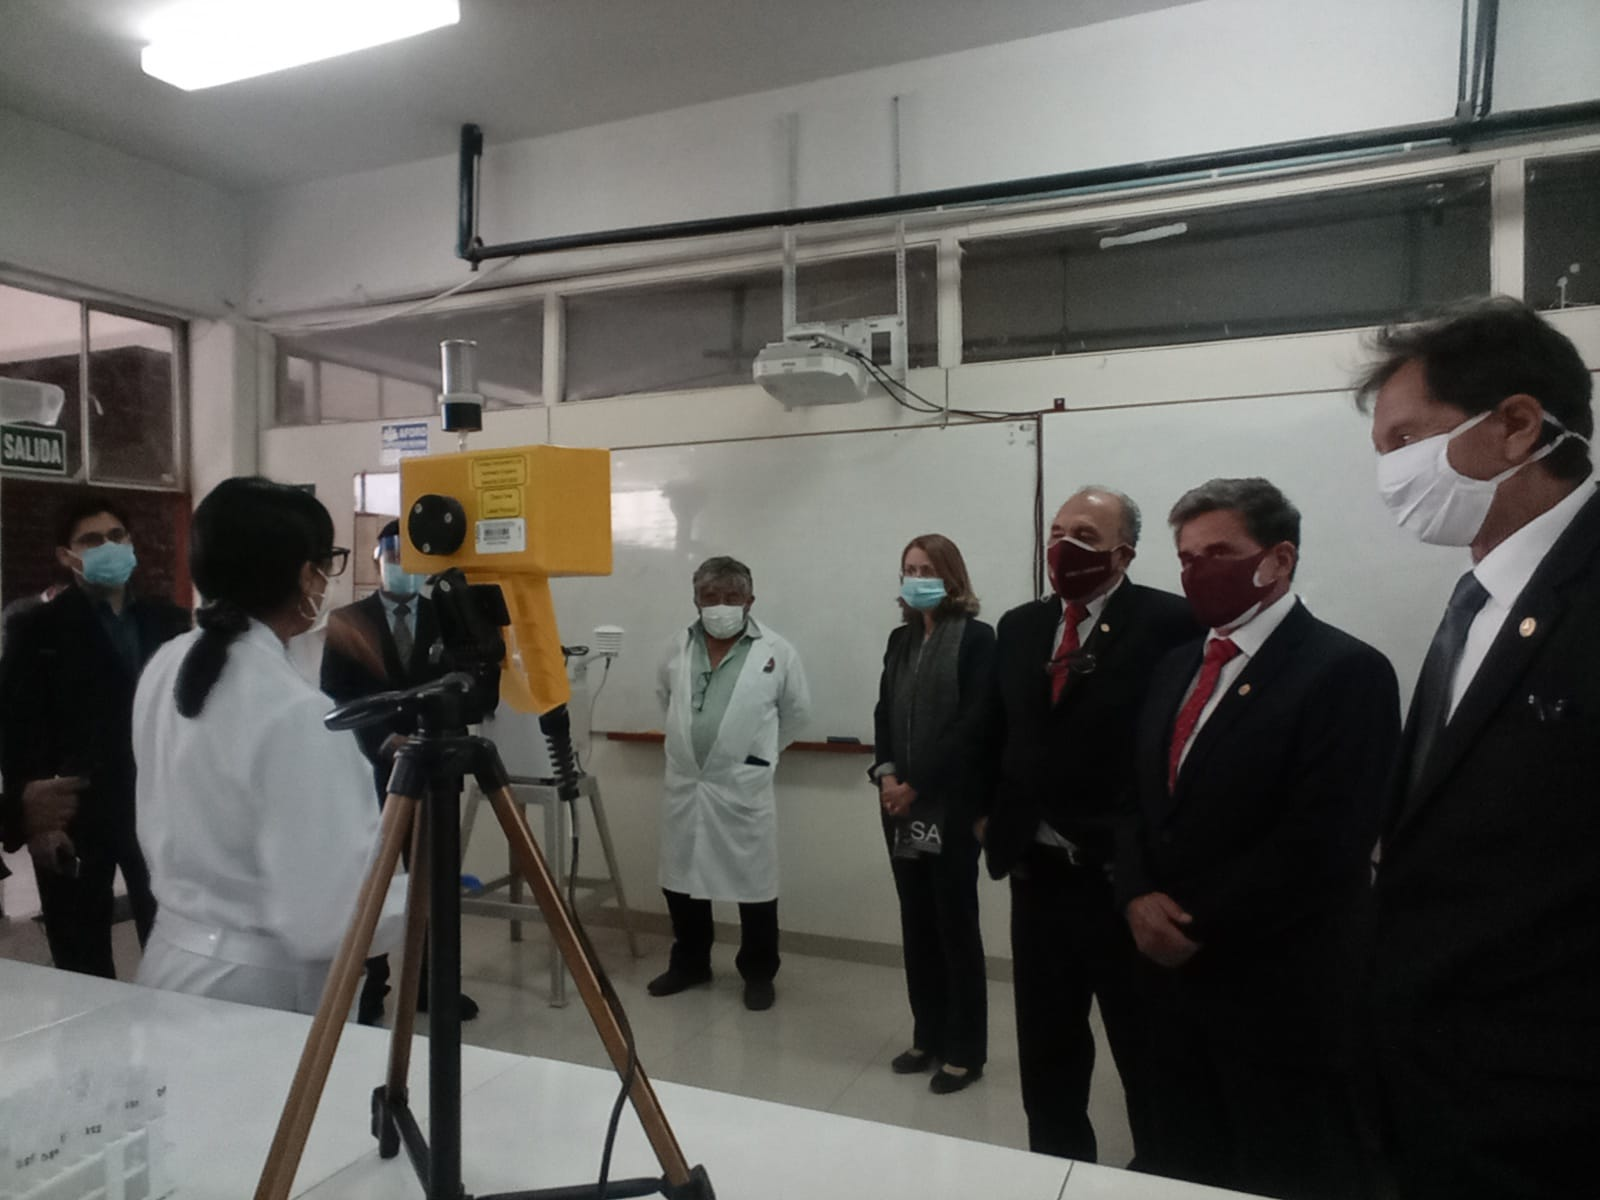 La UNSA y la Universidad de Purdue de EE.UU. renuevan alianza para desarrollar nuevos proyectos de investigación en los próximos 4 años